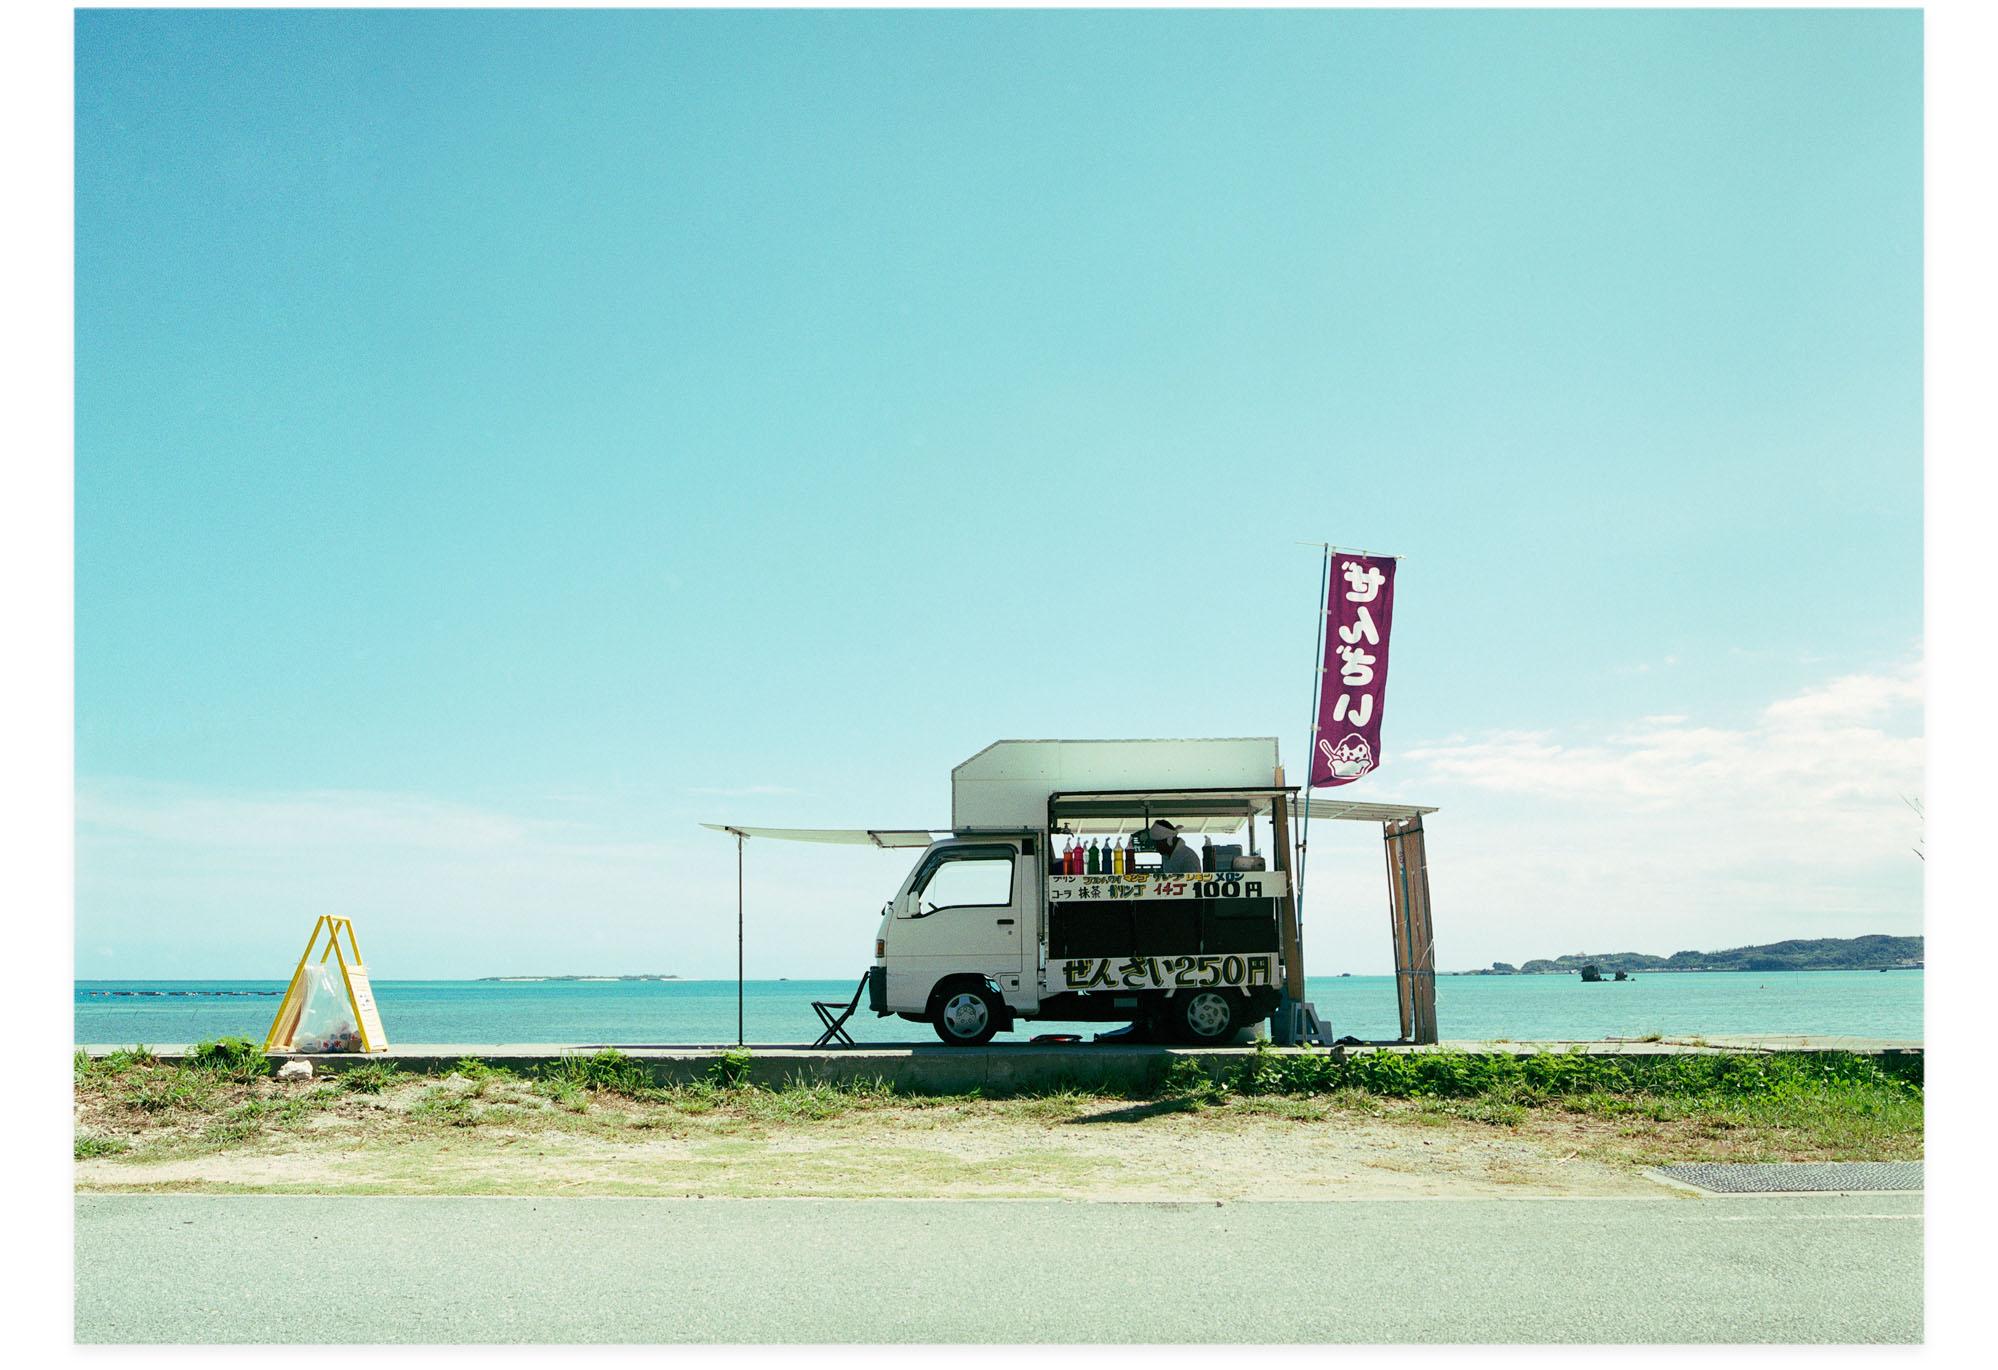 201301007_絵と広告とかき氷と沖縄のぜんざい2